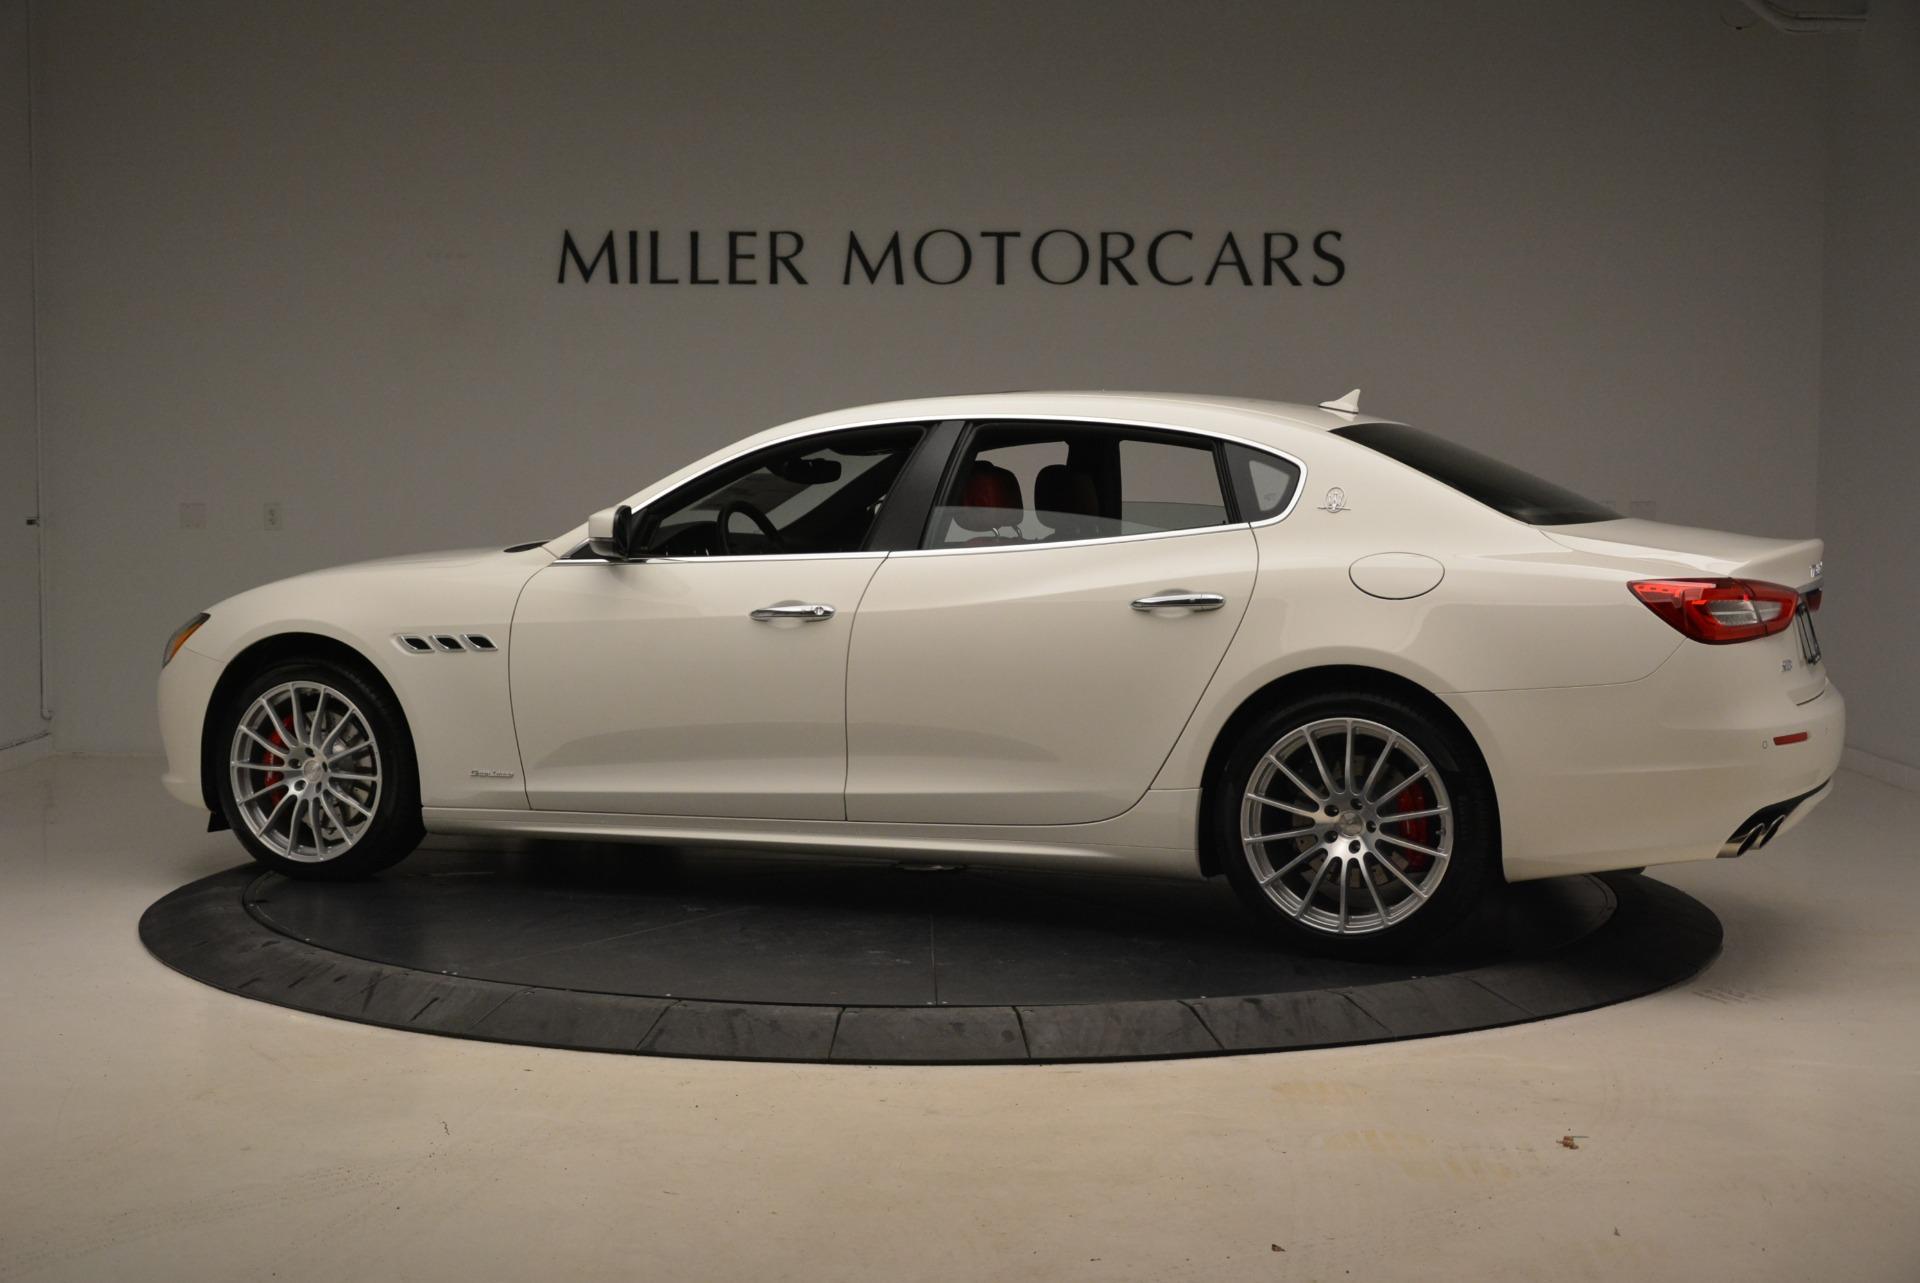 New 2018 Maserati Quattroporte S Q4 GranLusso For Sale In Greenwich, CT. Alfa Romeo of Greenwich, M2059 2085_p5